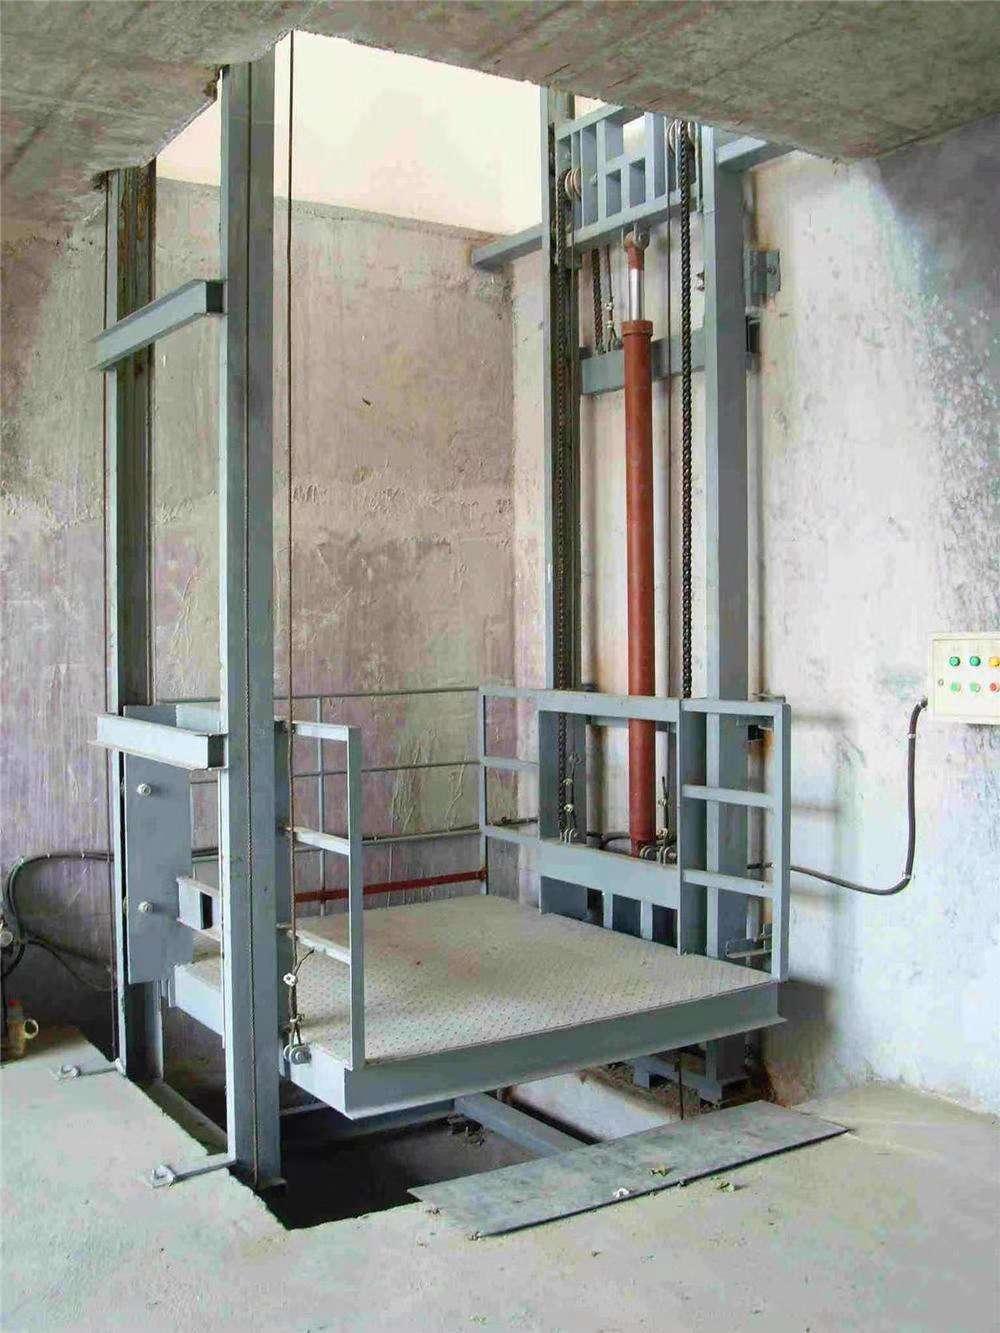 库尔勒传菜电梯、库尔勒食梯、库尔勒酒店餐梯、库尔勒幼儿园餐梯